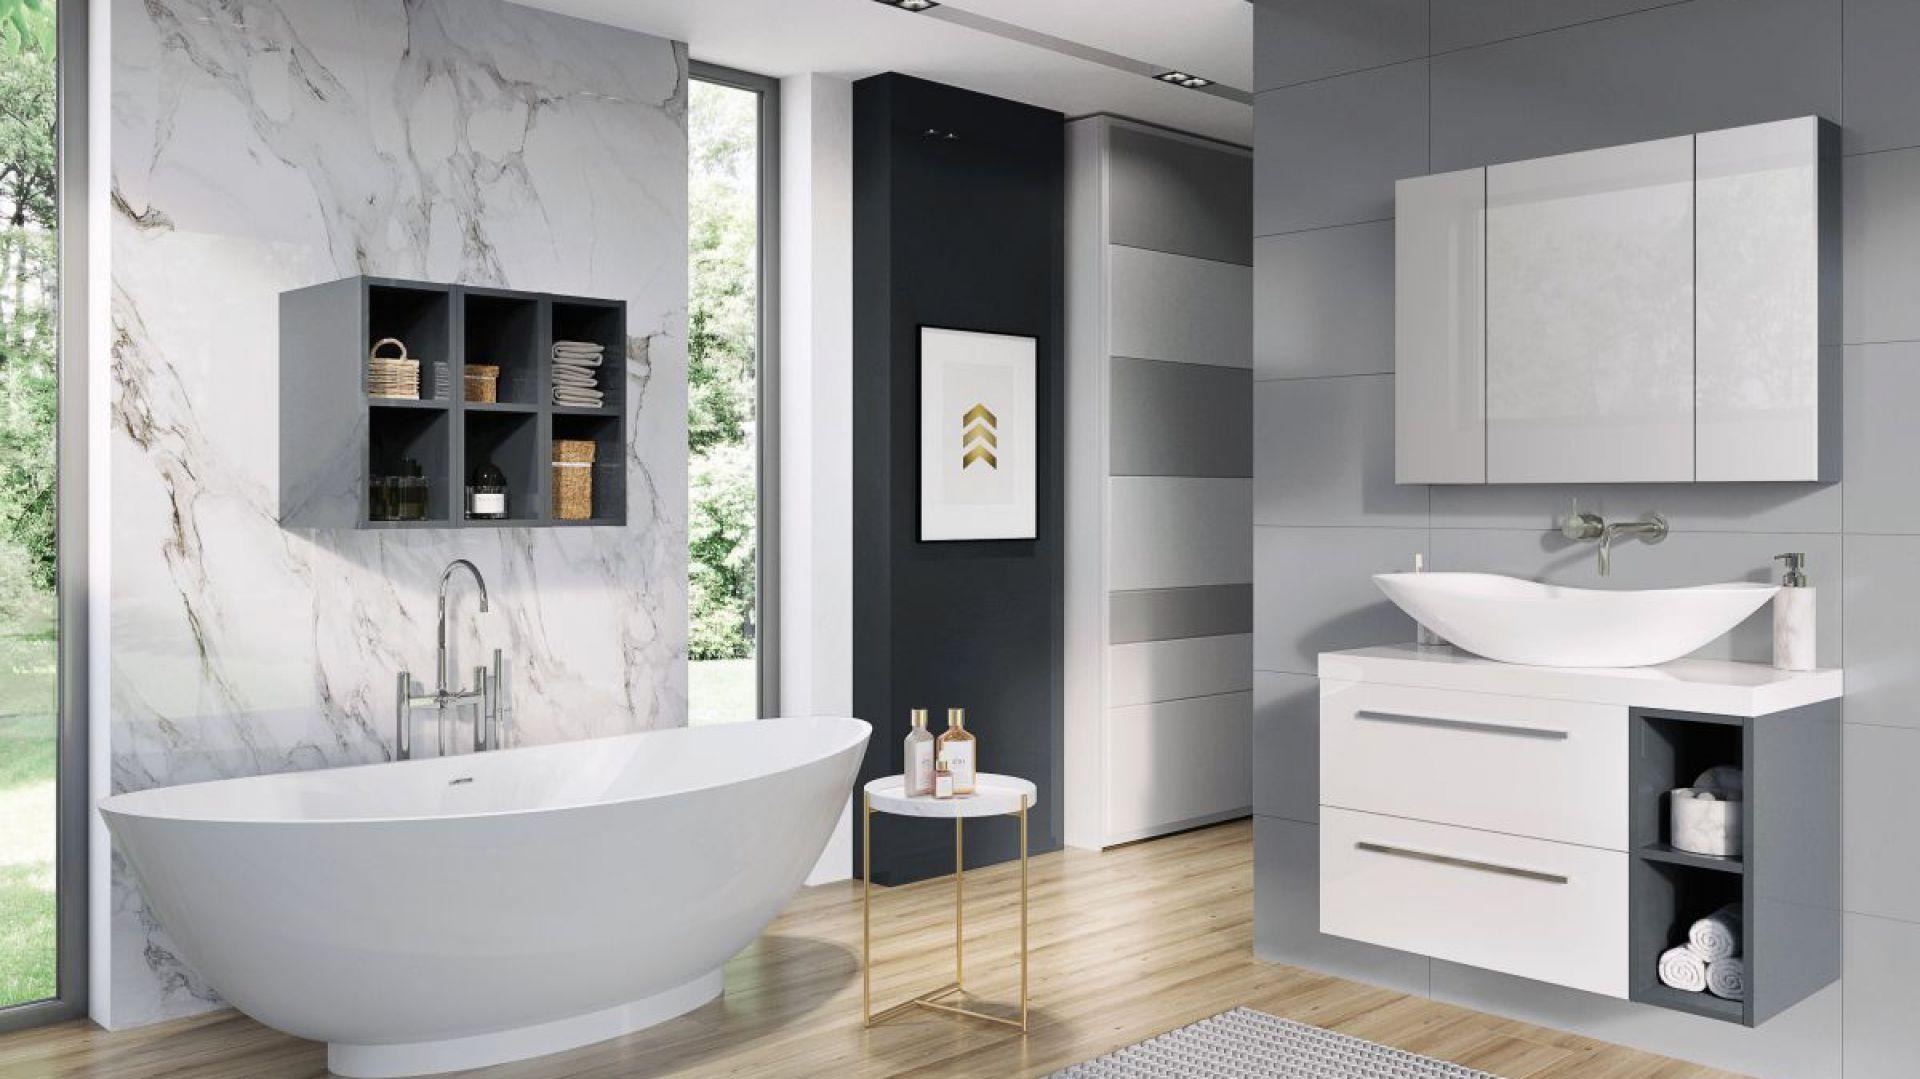 Podwieszane meble łazienkowe z kolekcji Kwadro marki Elita. Fot. Elita